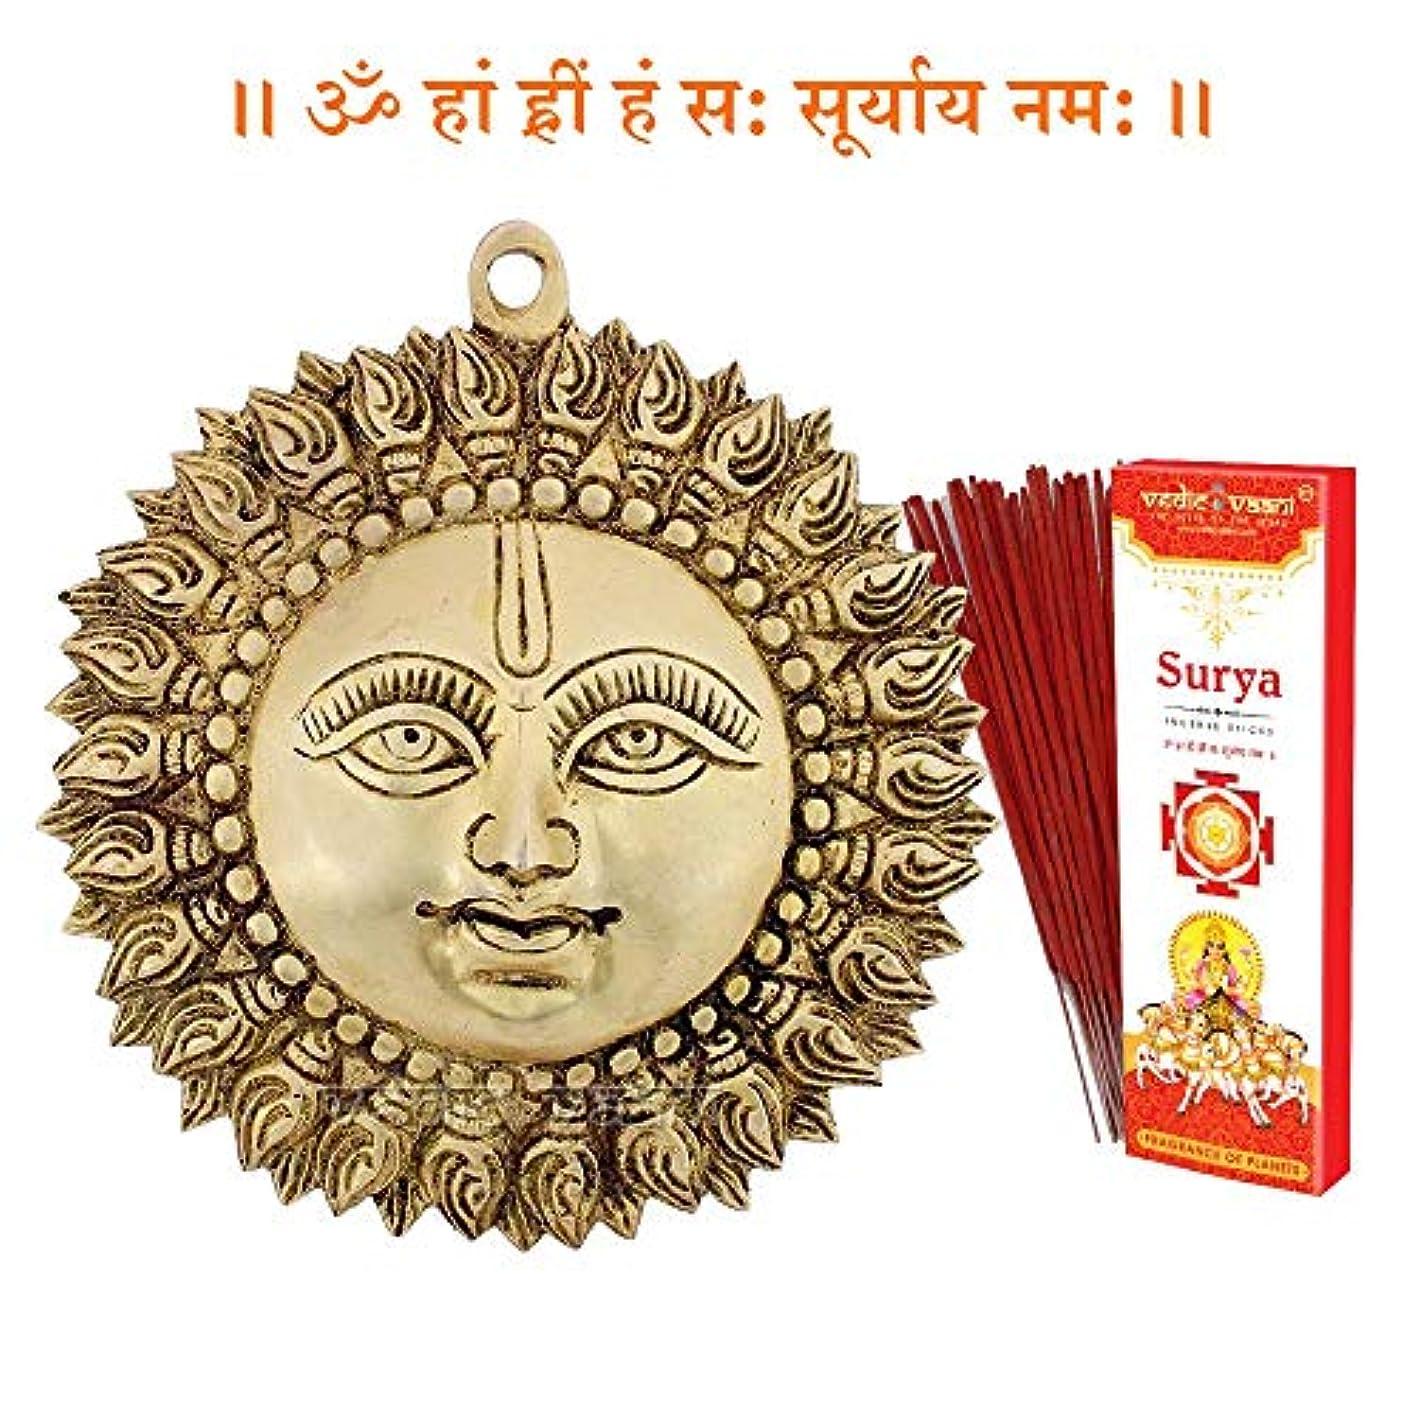 予想する翻訳するラジエーターVedic Vaani Lord Surya Dev (Sun) 壁掛け Surya お香スティック付き